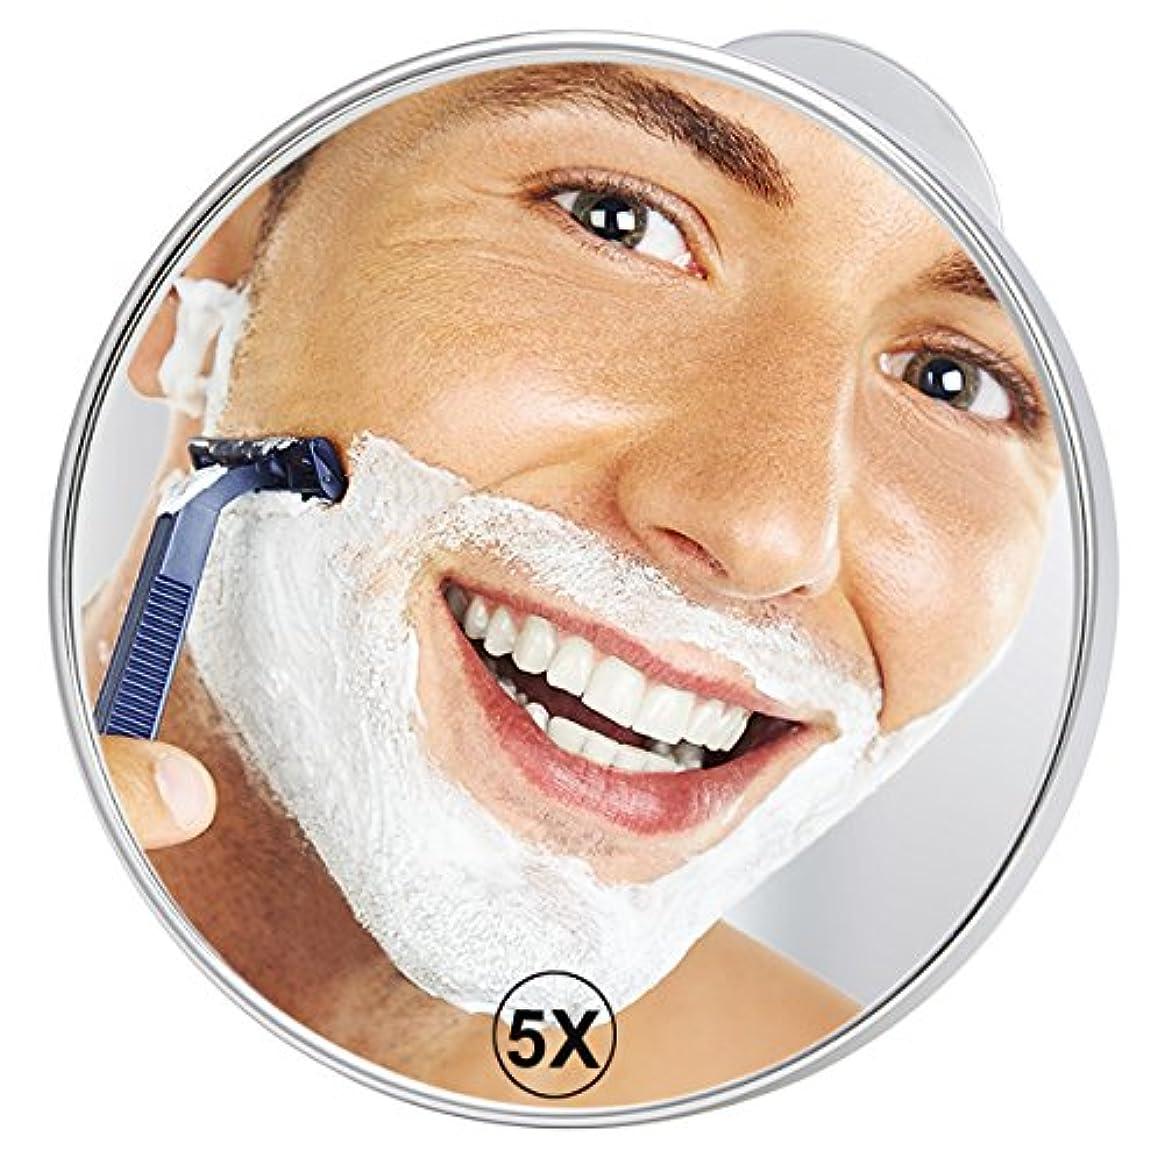 恩恵反映するごちそう21cm 浴室鏡 鏡 壁掛け 浴室用化粧鏡 5倍拡大鏡 シャワーミラー 強力吸盤付、き シミ、しわ、お肌のお手入れをチェックできて、髭剃り